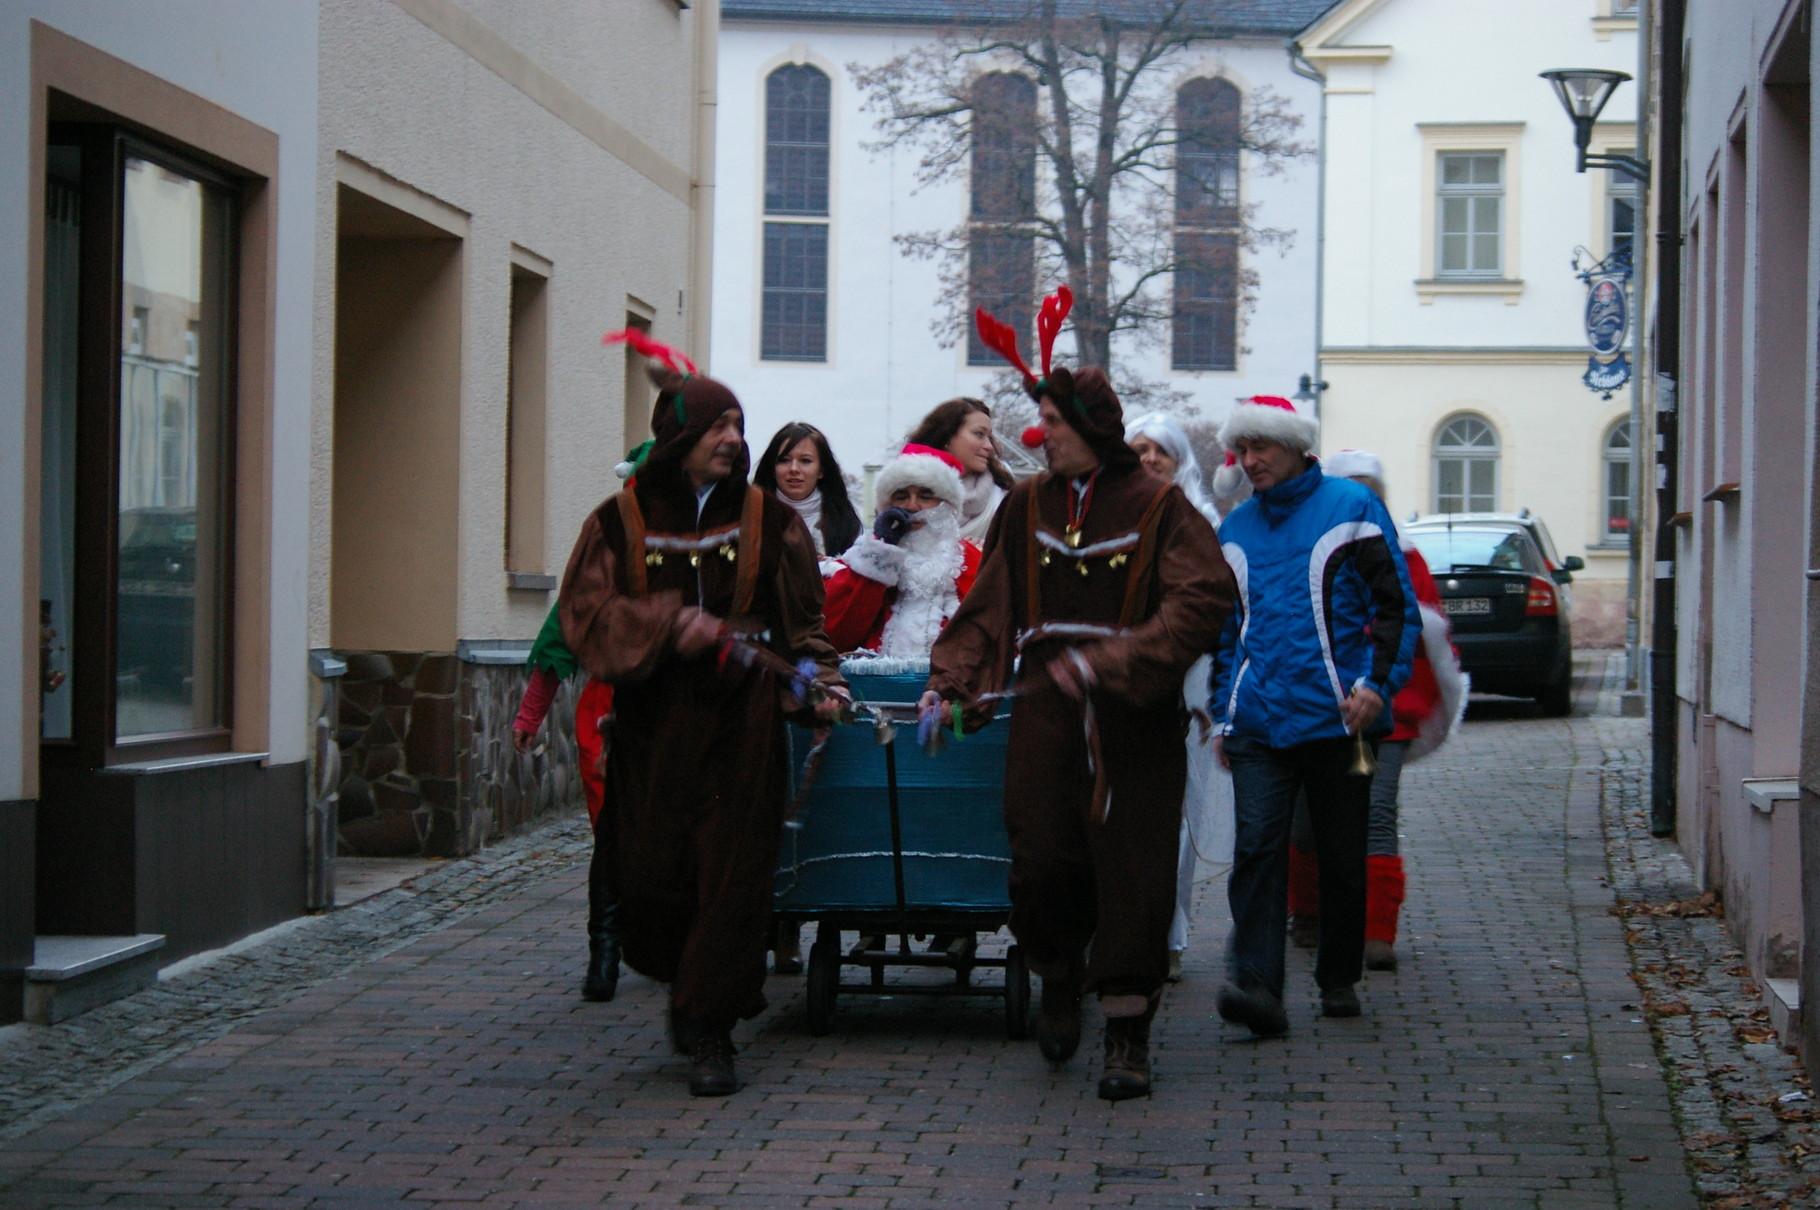 der Weihnachtsmann und seine Helfer